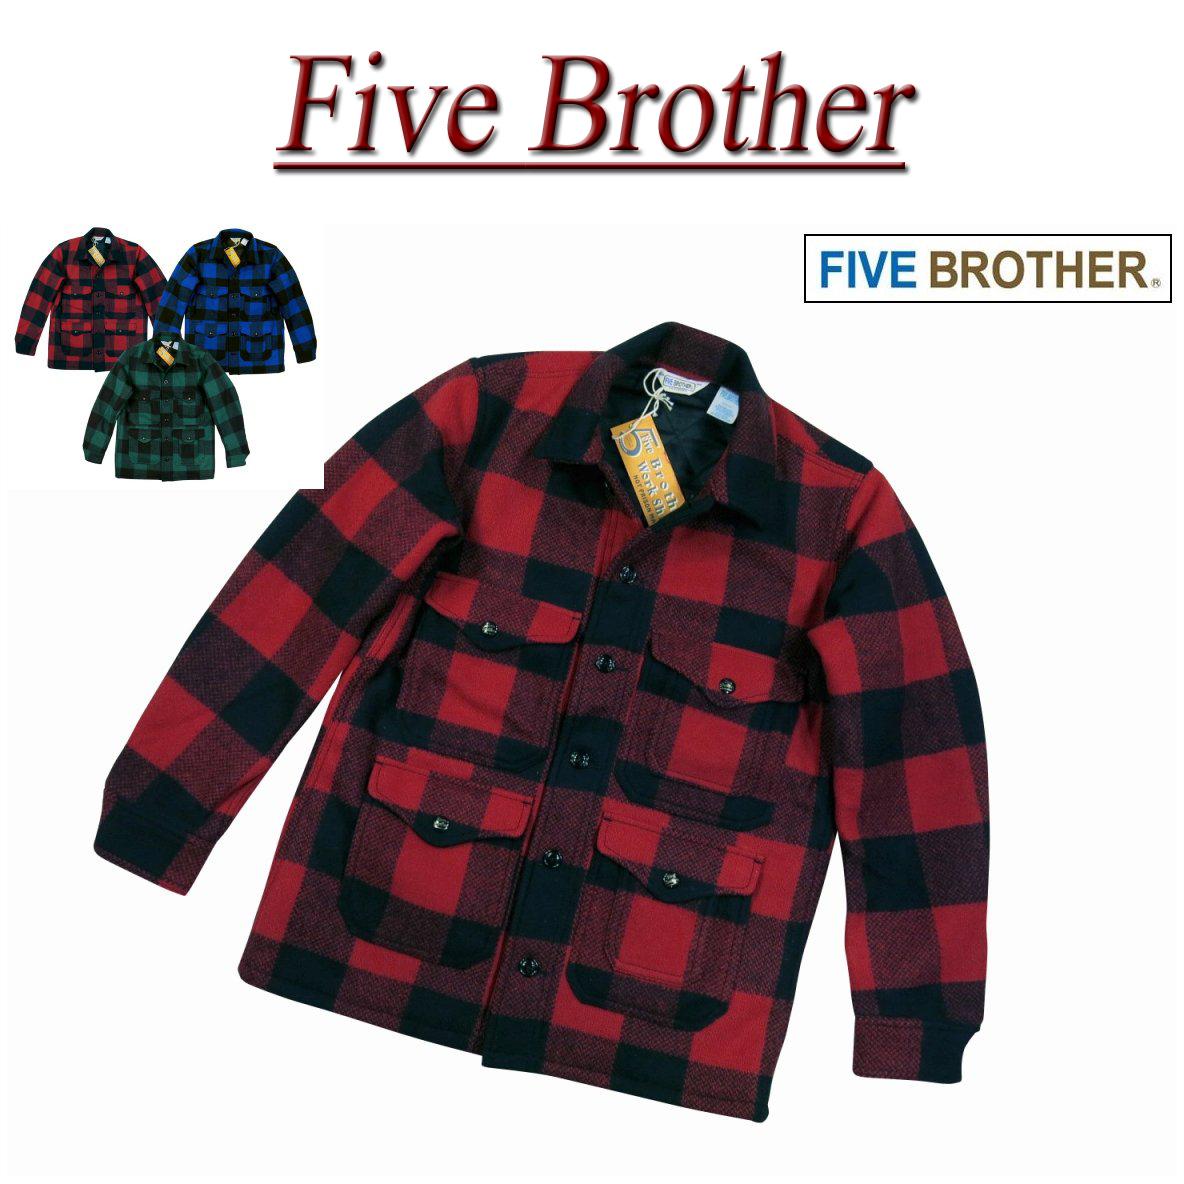 【3色3サイズ】 jb261 新品 FIVE BROTHER バッファローチェック マッキーノジャケット 1516101 メンズ ファイブブラザー ウールジャケット ワークジャケット アメカジ FIVEBROTHER 【smtb-kd】